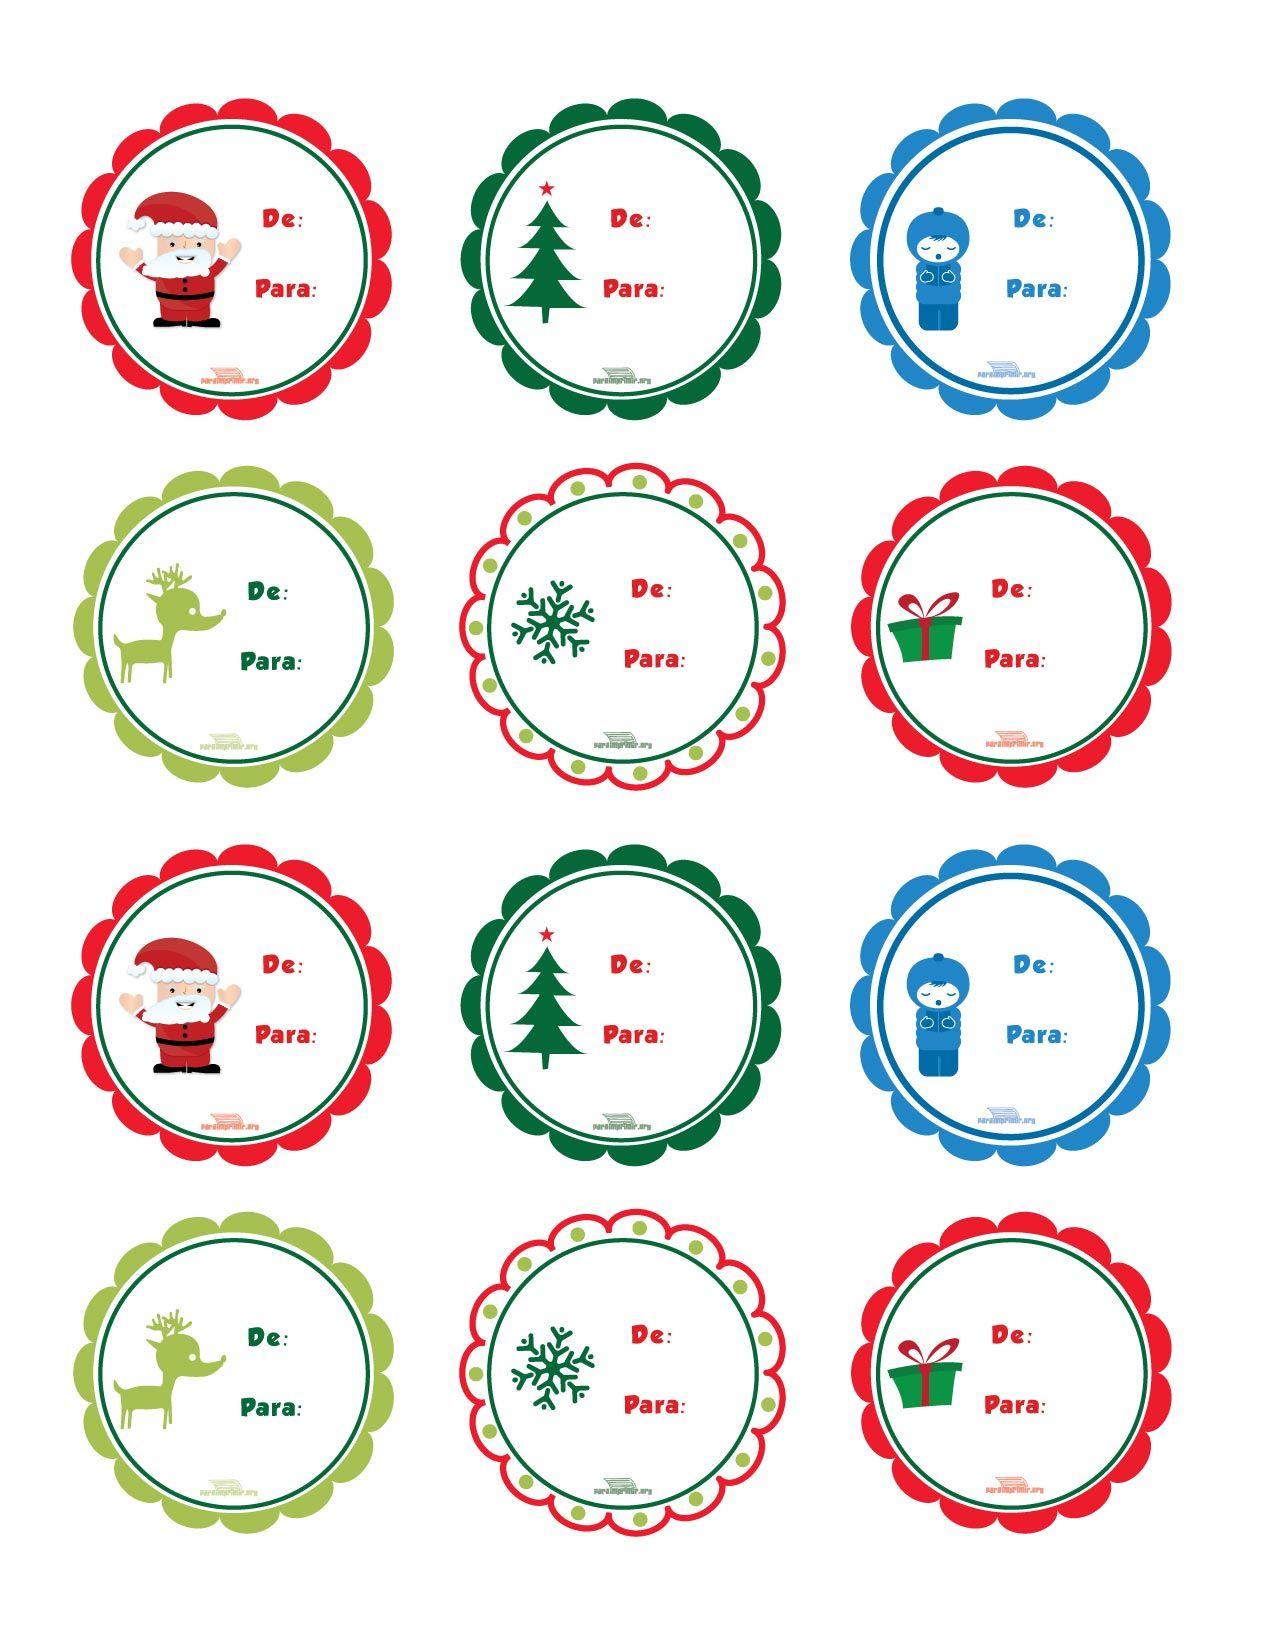 Etiquetas navide as para imprimir y pegar en tus regalos - Manualidades para regalar en reyes ...